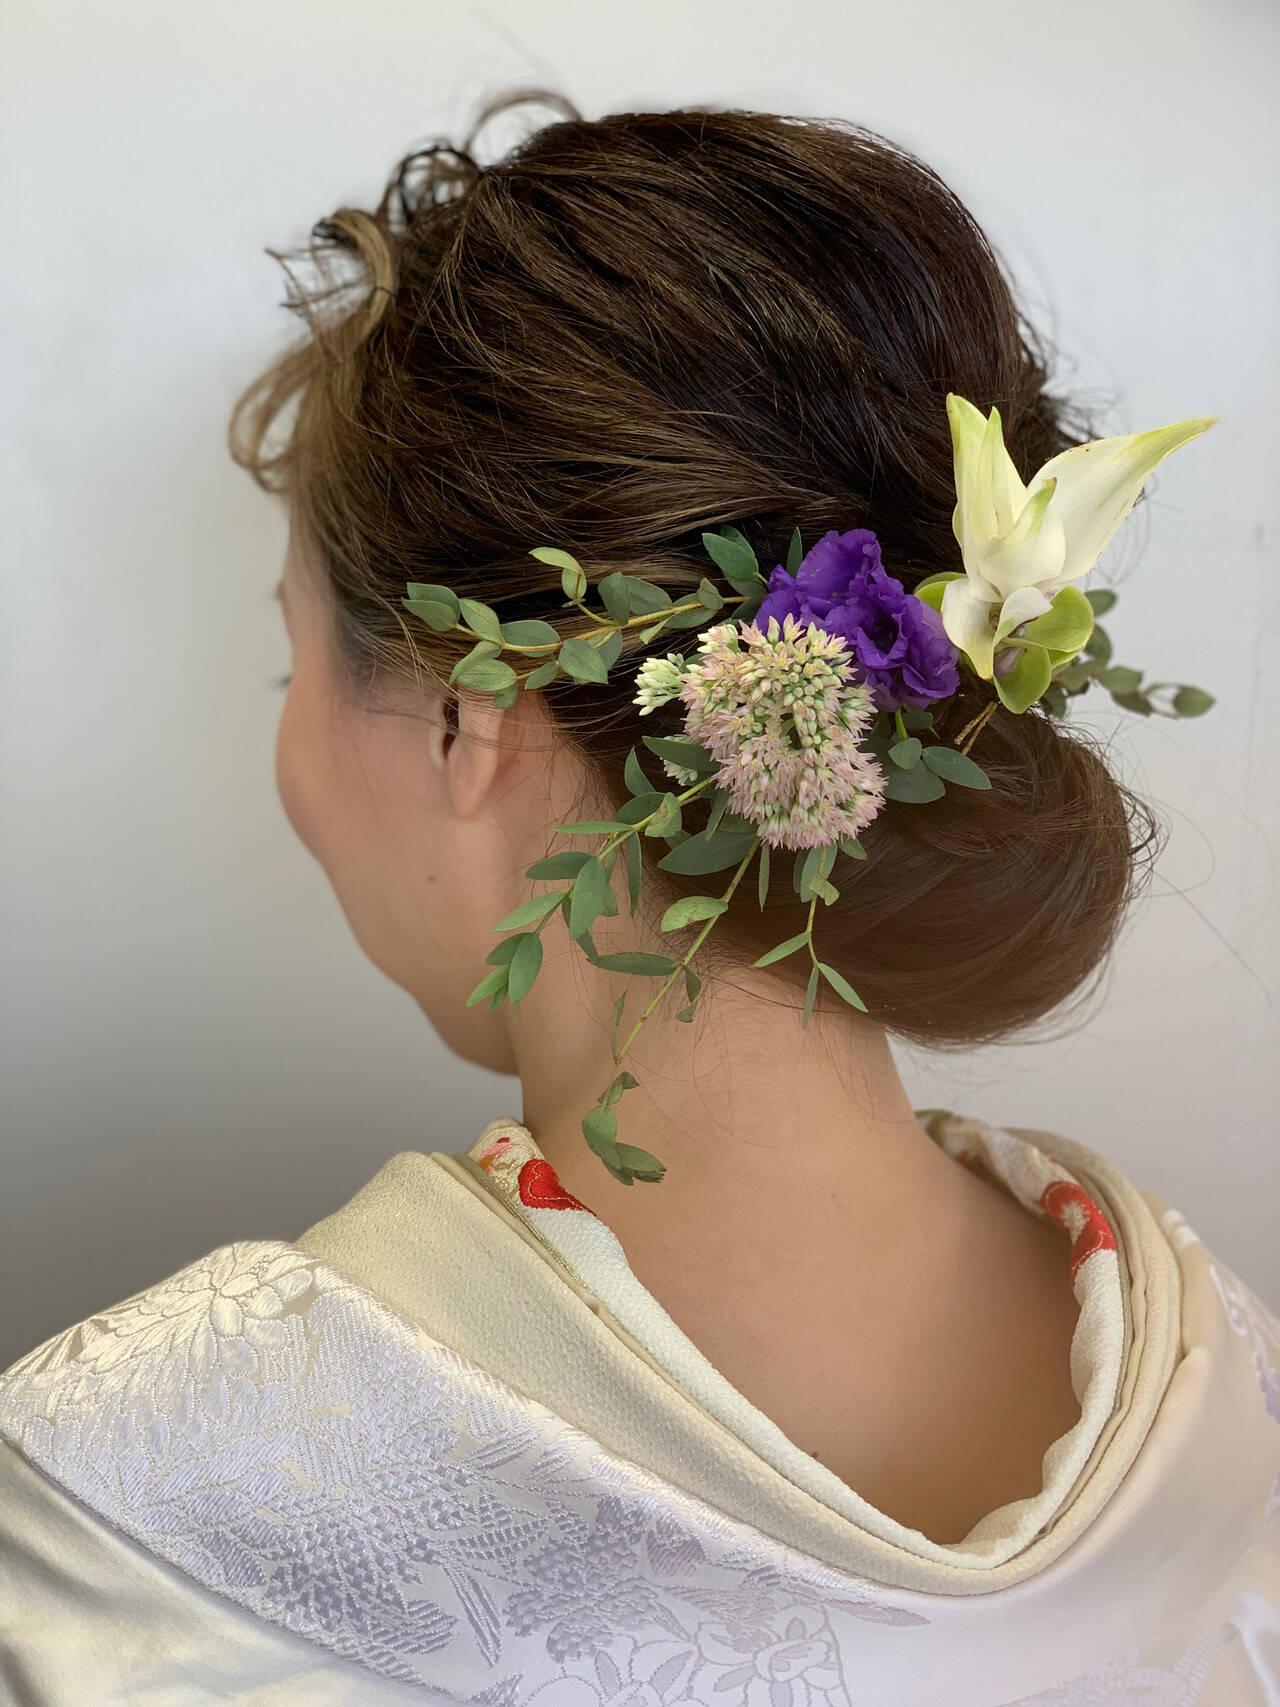 ナチュラル 結婚式ヘアアレンジ ミディアム ハイライトヘアスタイルや髪型の写真・画像